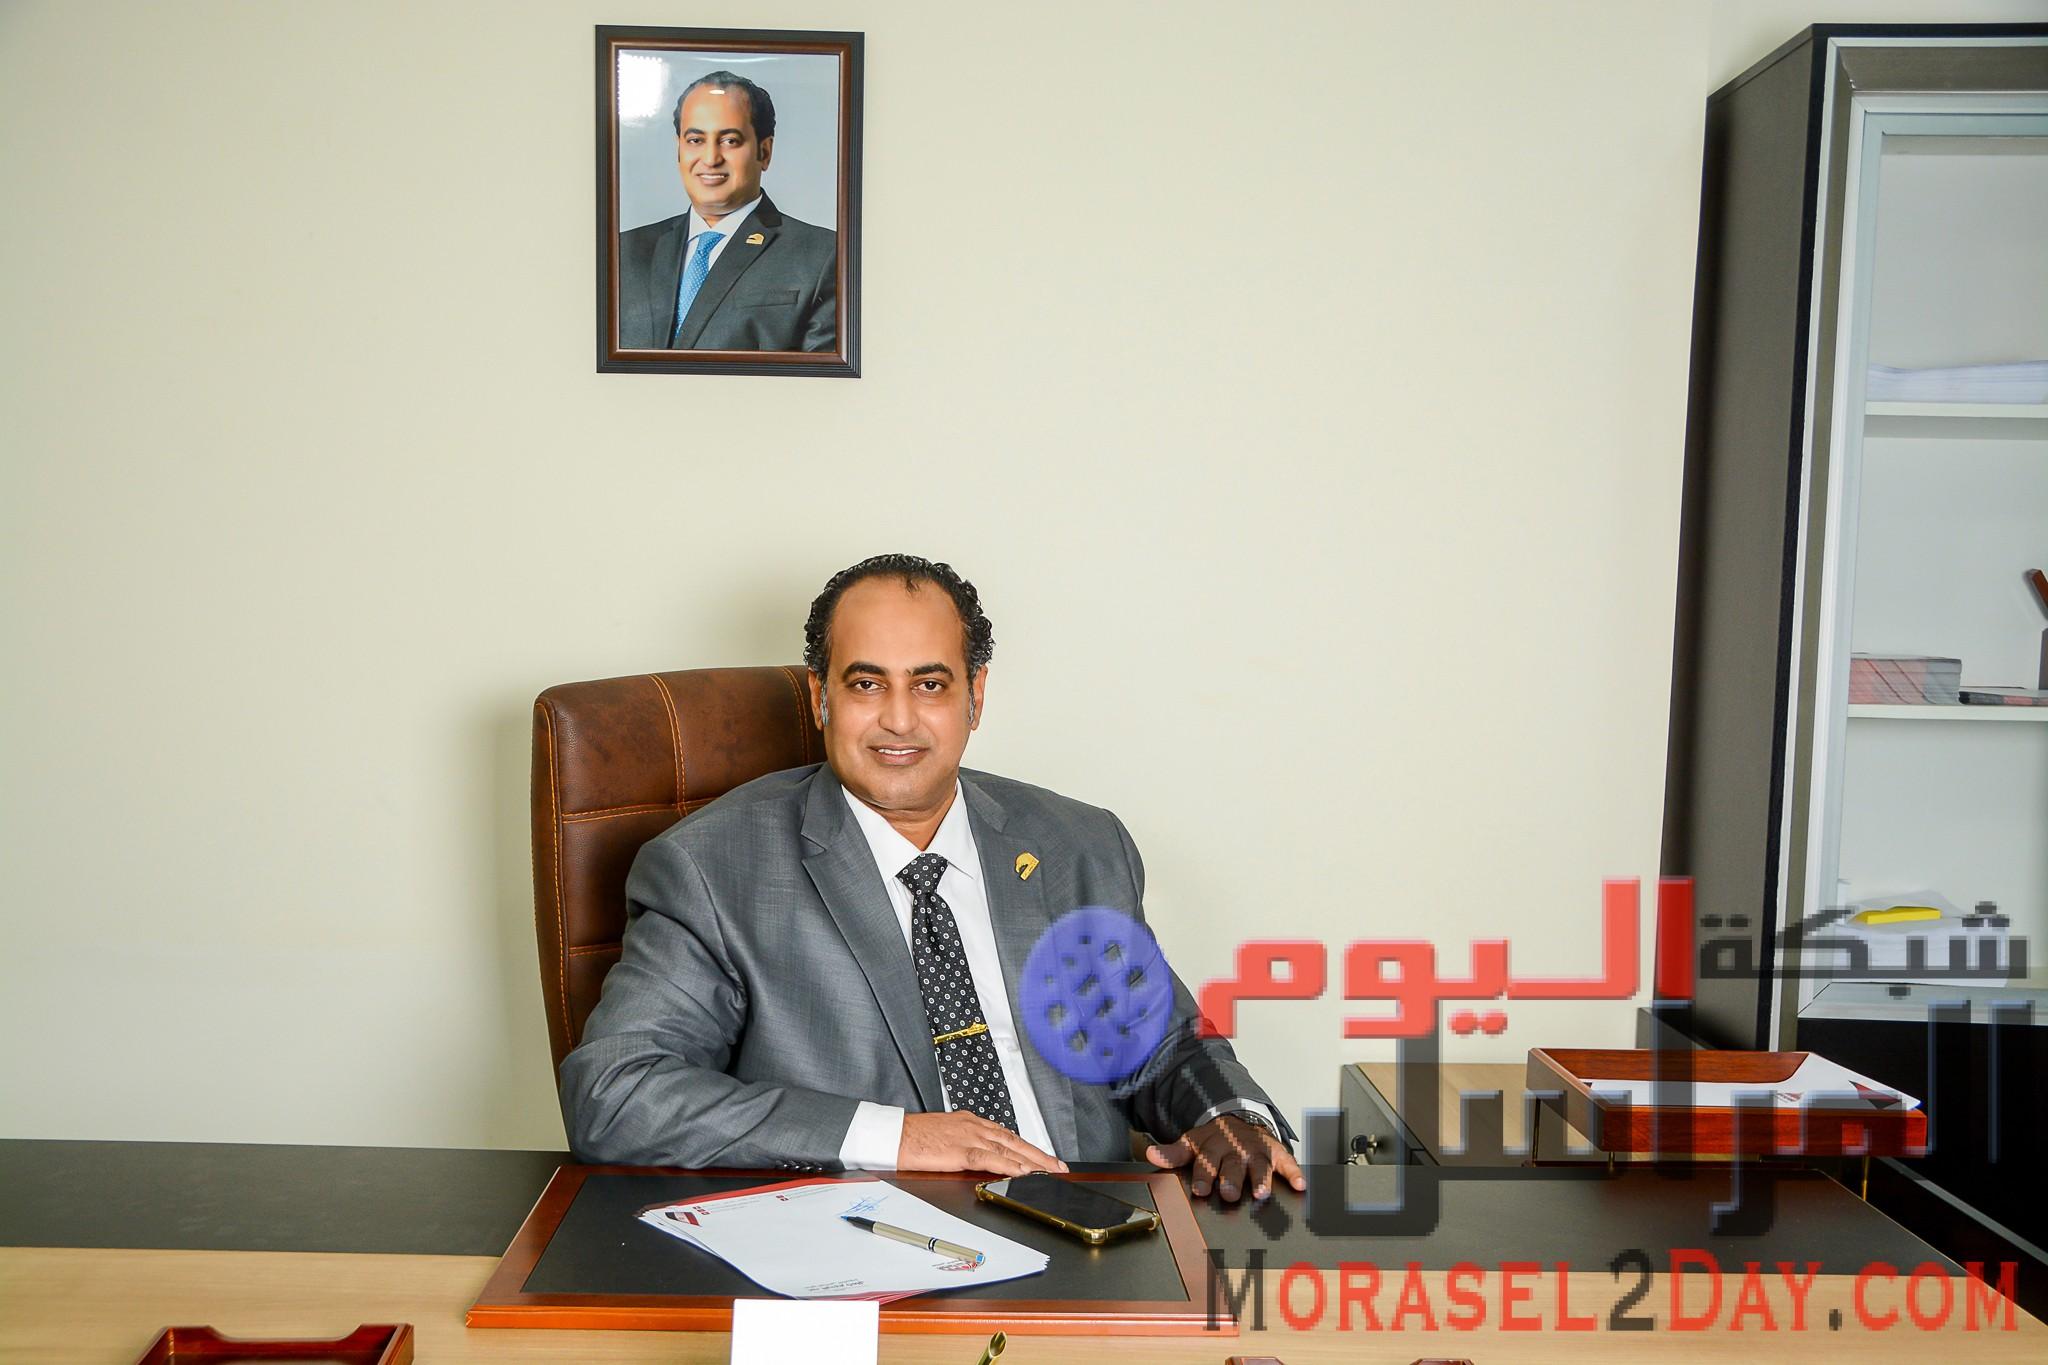 النائب عبدالرحيم كمال: قاعدة «3 يوليو» إضافة للقدرات العسكرية المصرية بهدف حماية الأمن القومي